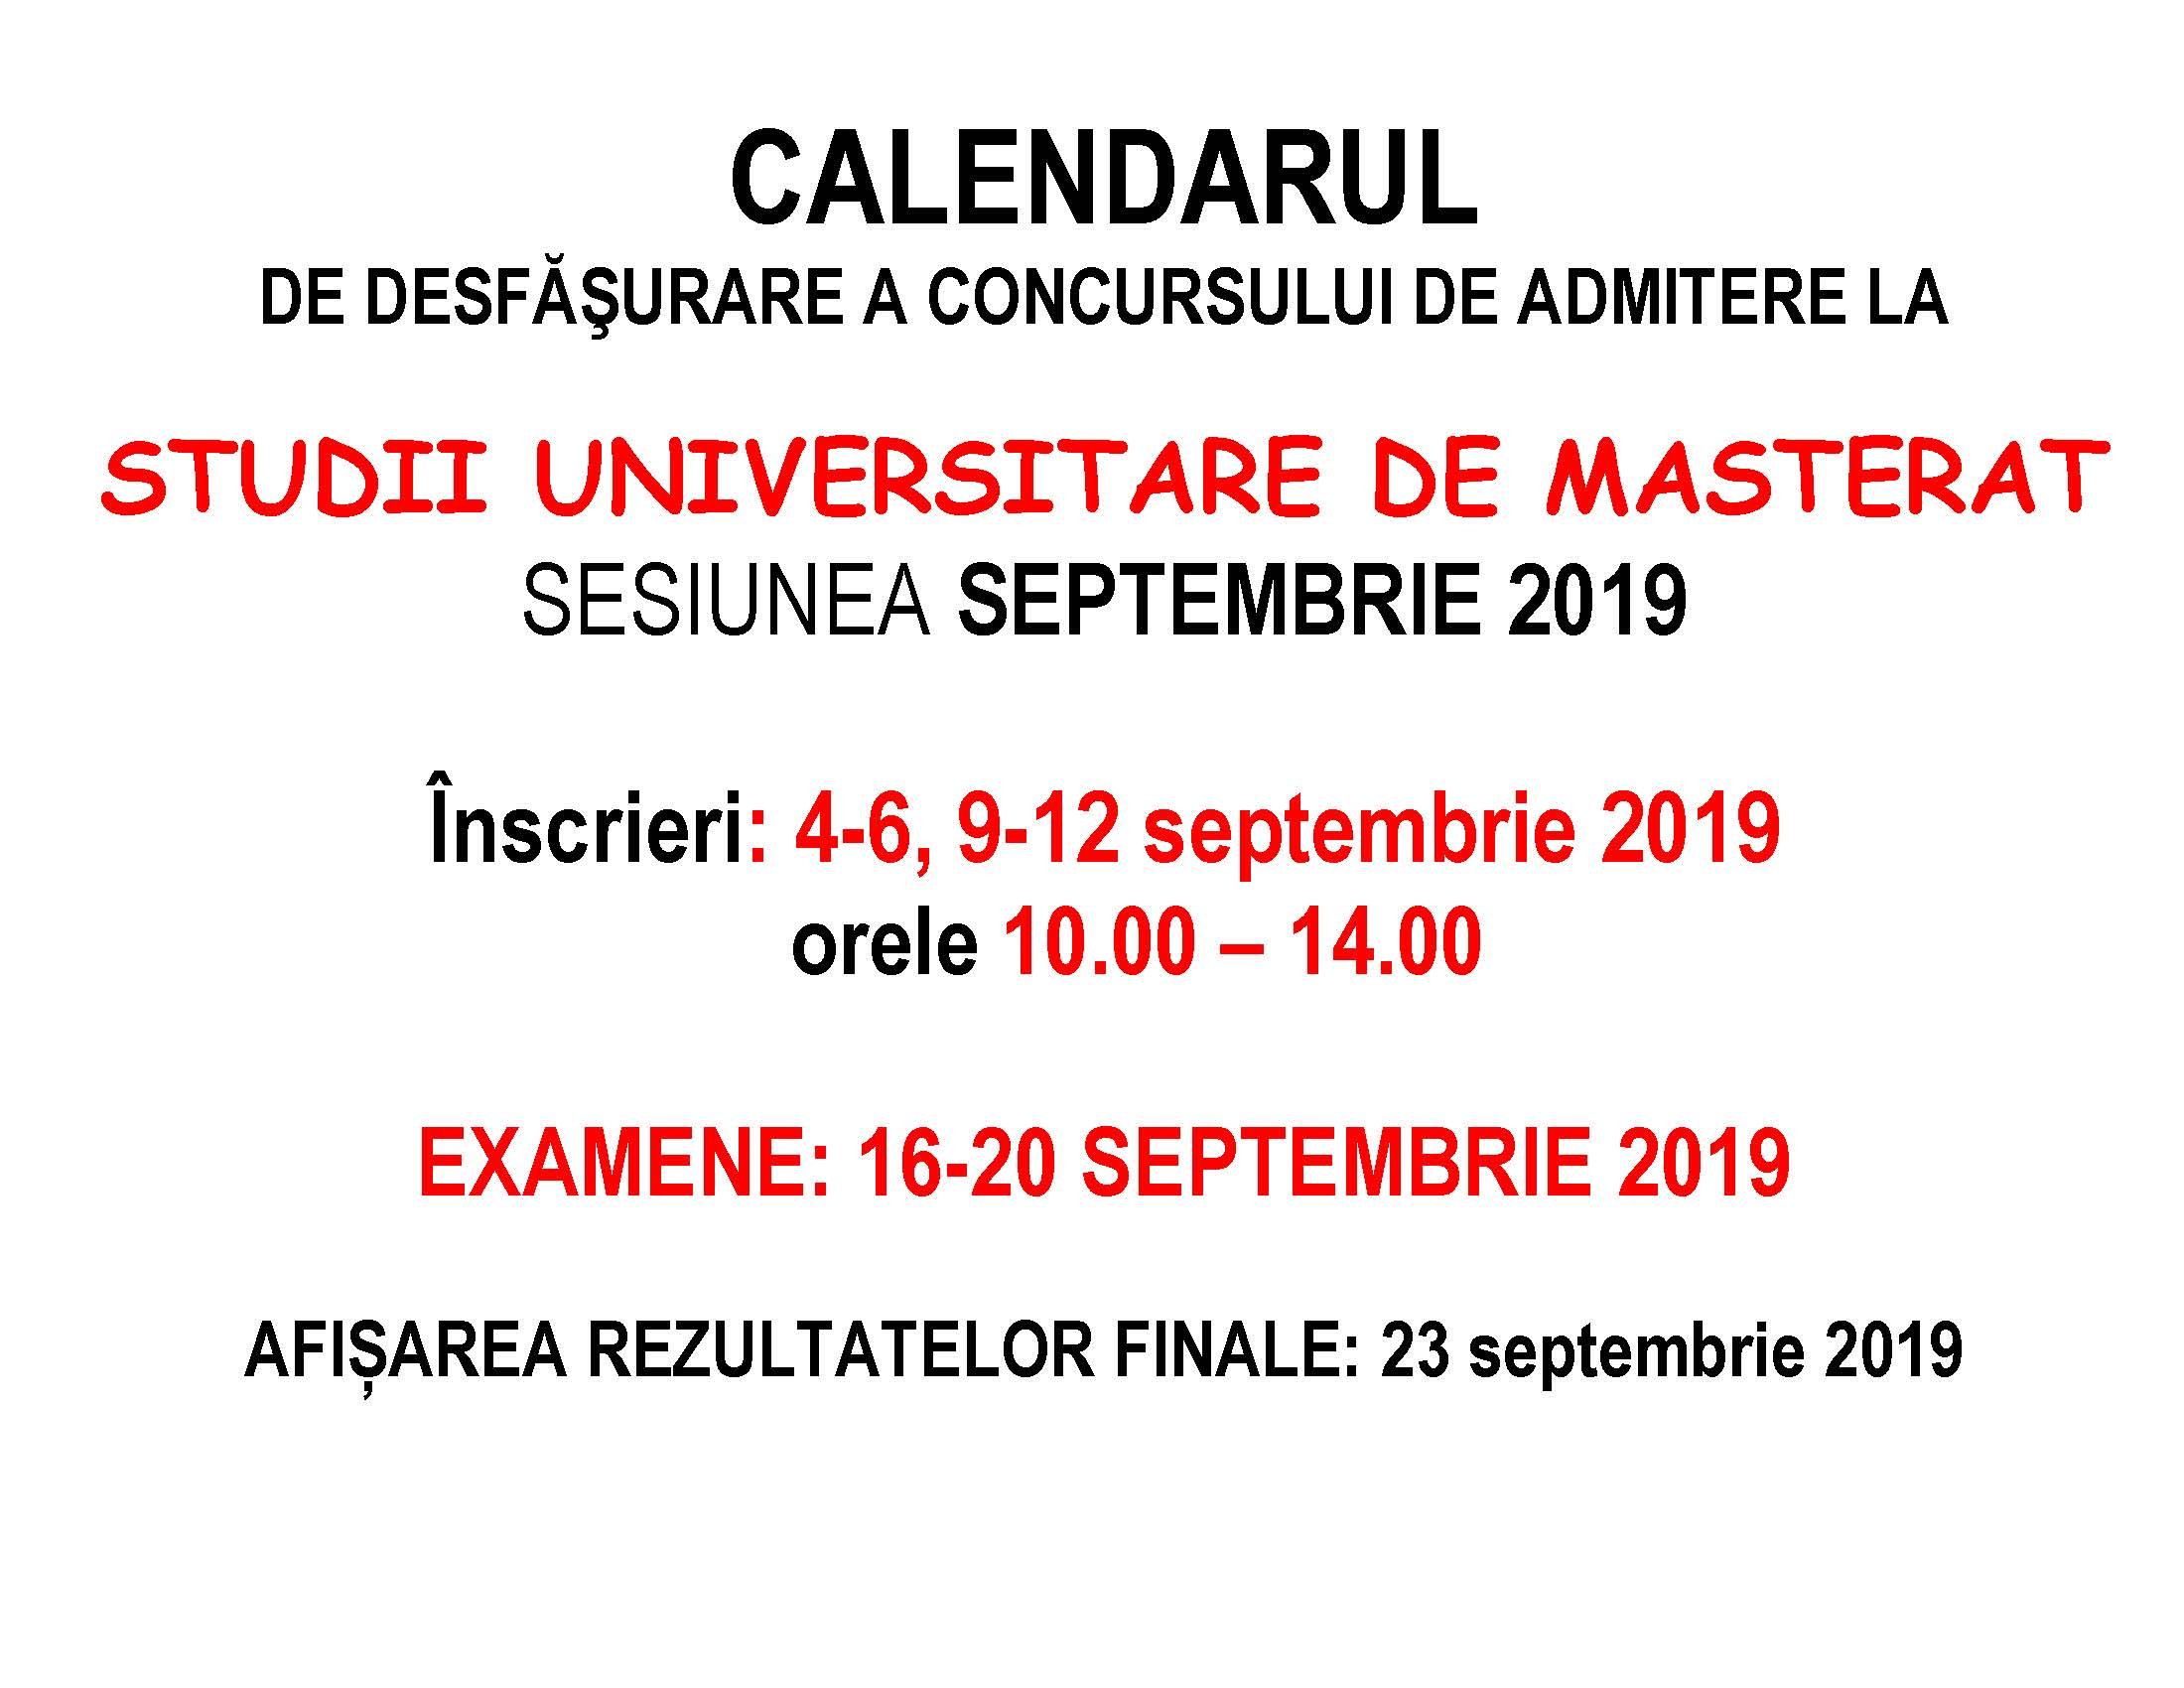 CALENDAR INSCRIERI MASTER septembrie 2019